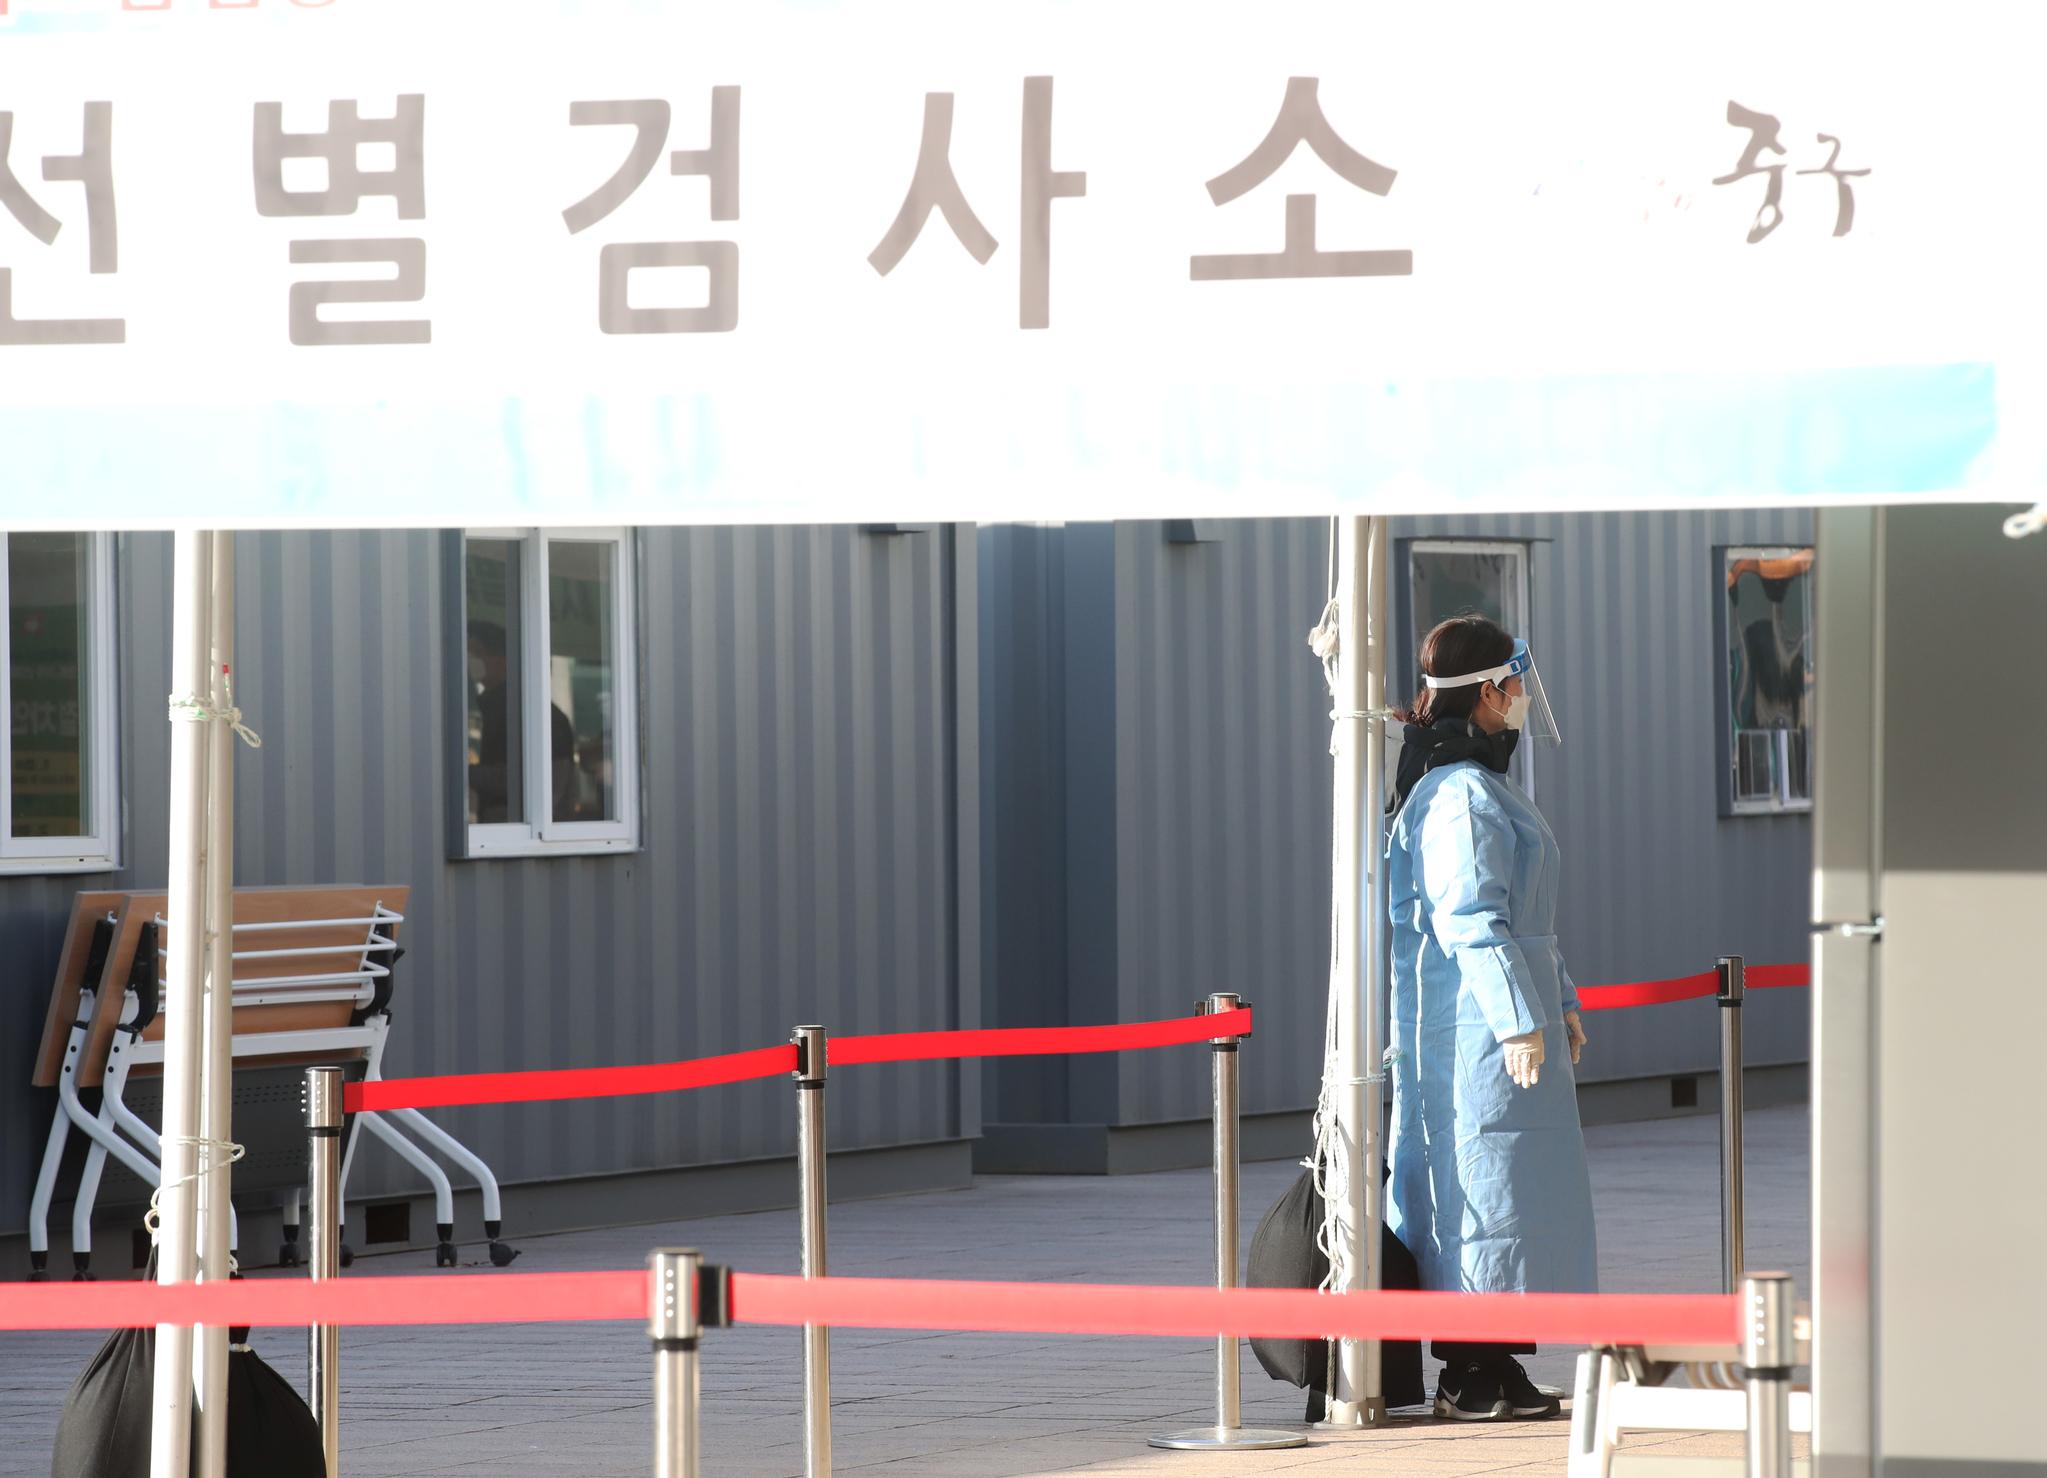 코로나19 확진자가 국내에서 처음 발생한 지 1년째가 되는 20일 서울광장에 마련된 선별 진료소에서 의료진이 기둥에 기대 휴식을 취하고 있다. 중앙포토